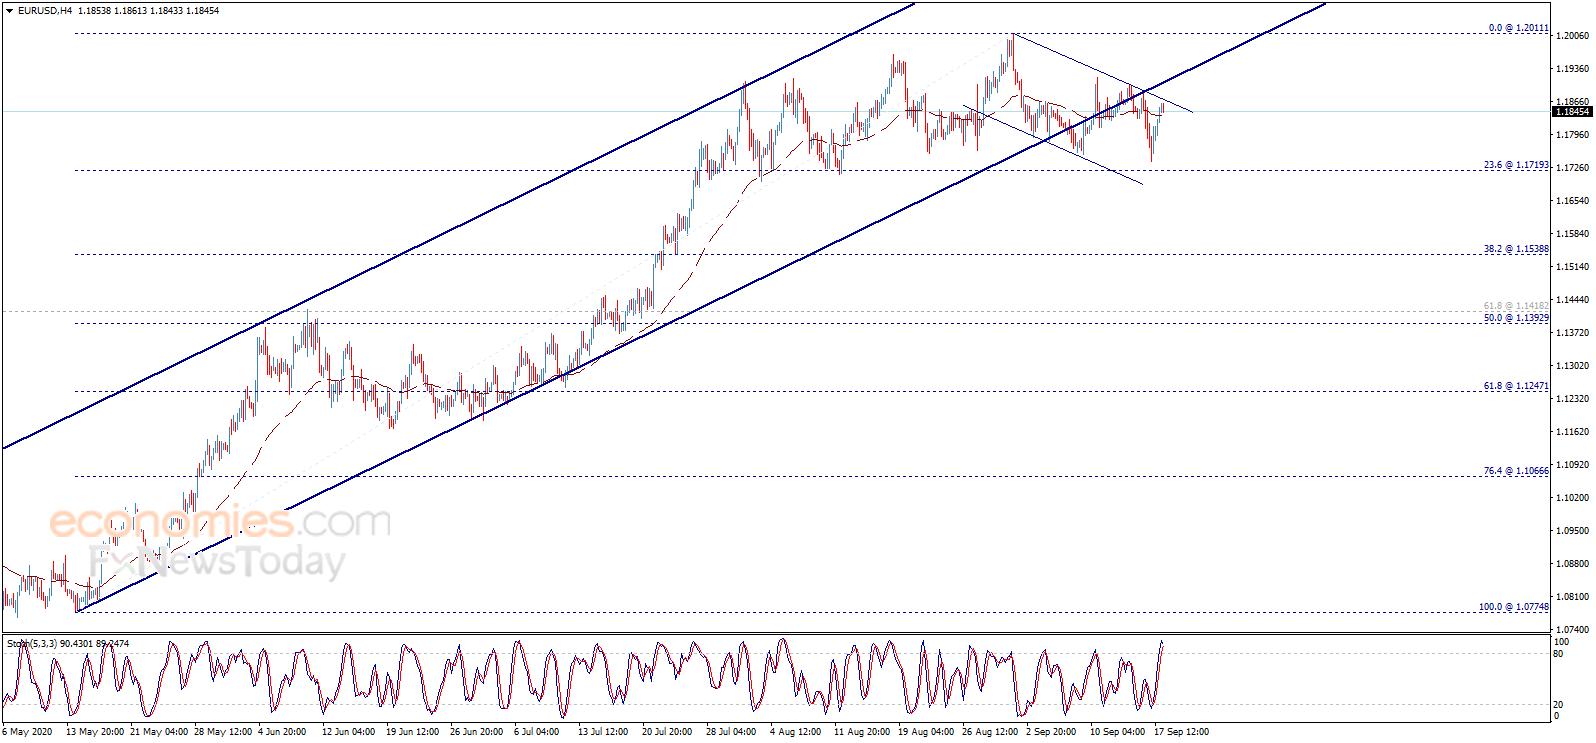 金价有望进一步大涨 欧元、英镑、日元和黄金交易分析,加元对人民币汇率